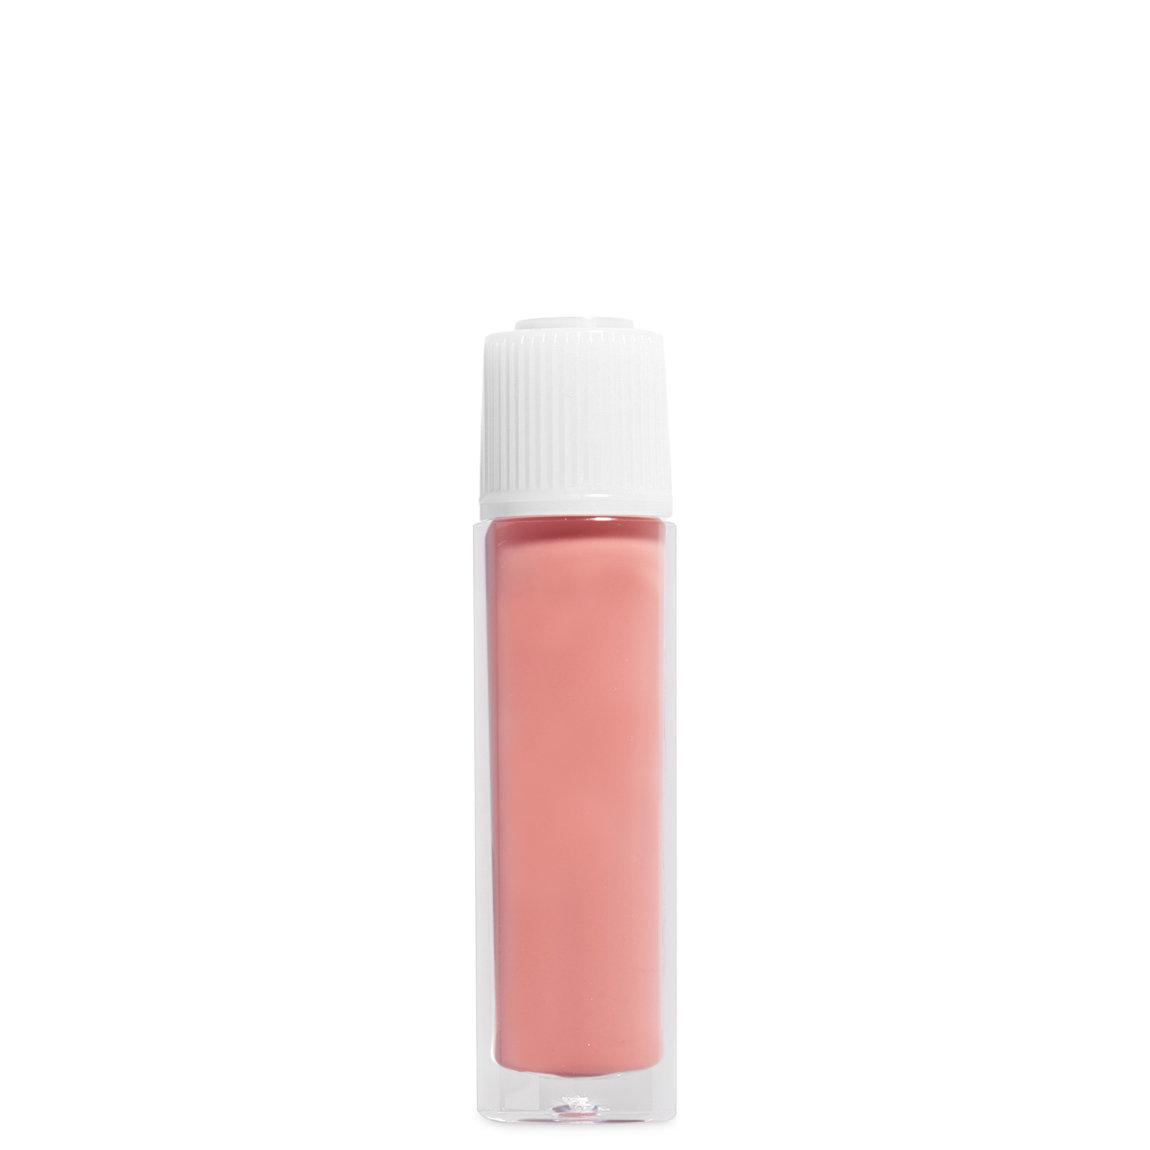 Kjaer Weis Lip Gloss Refill Tenderness alternative view 1.